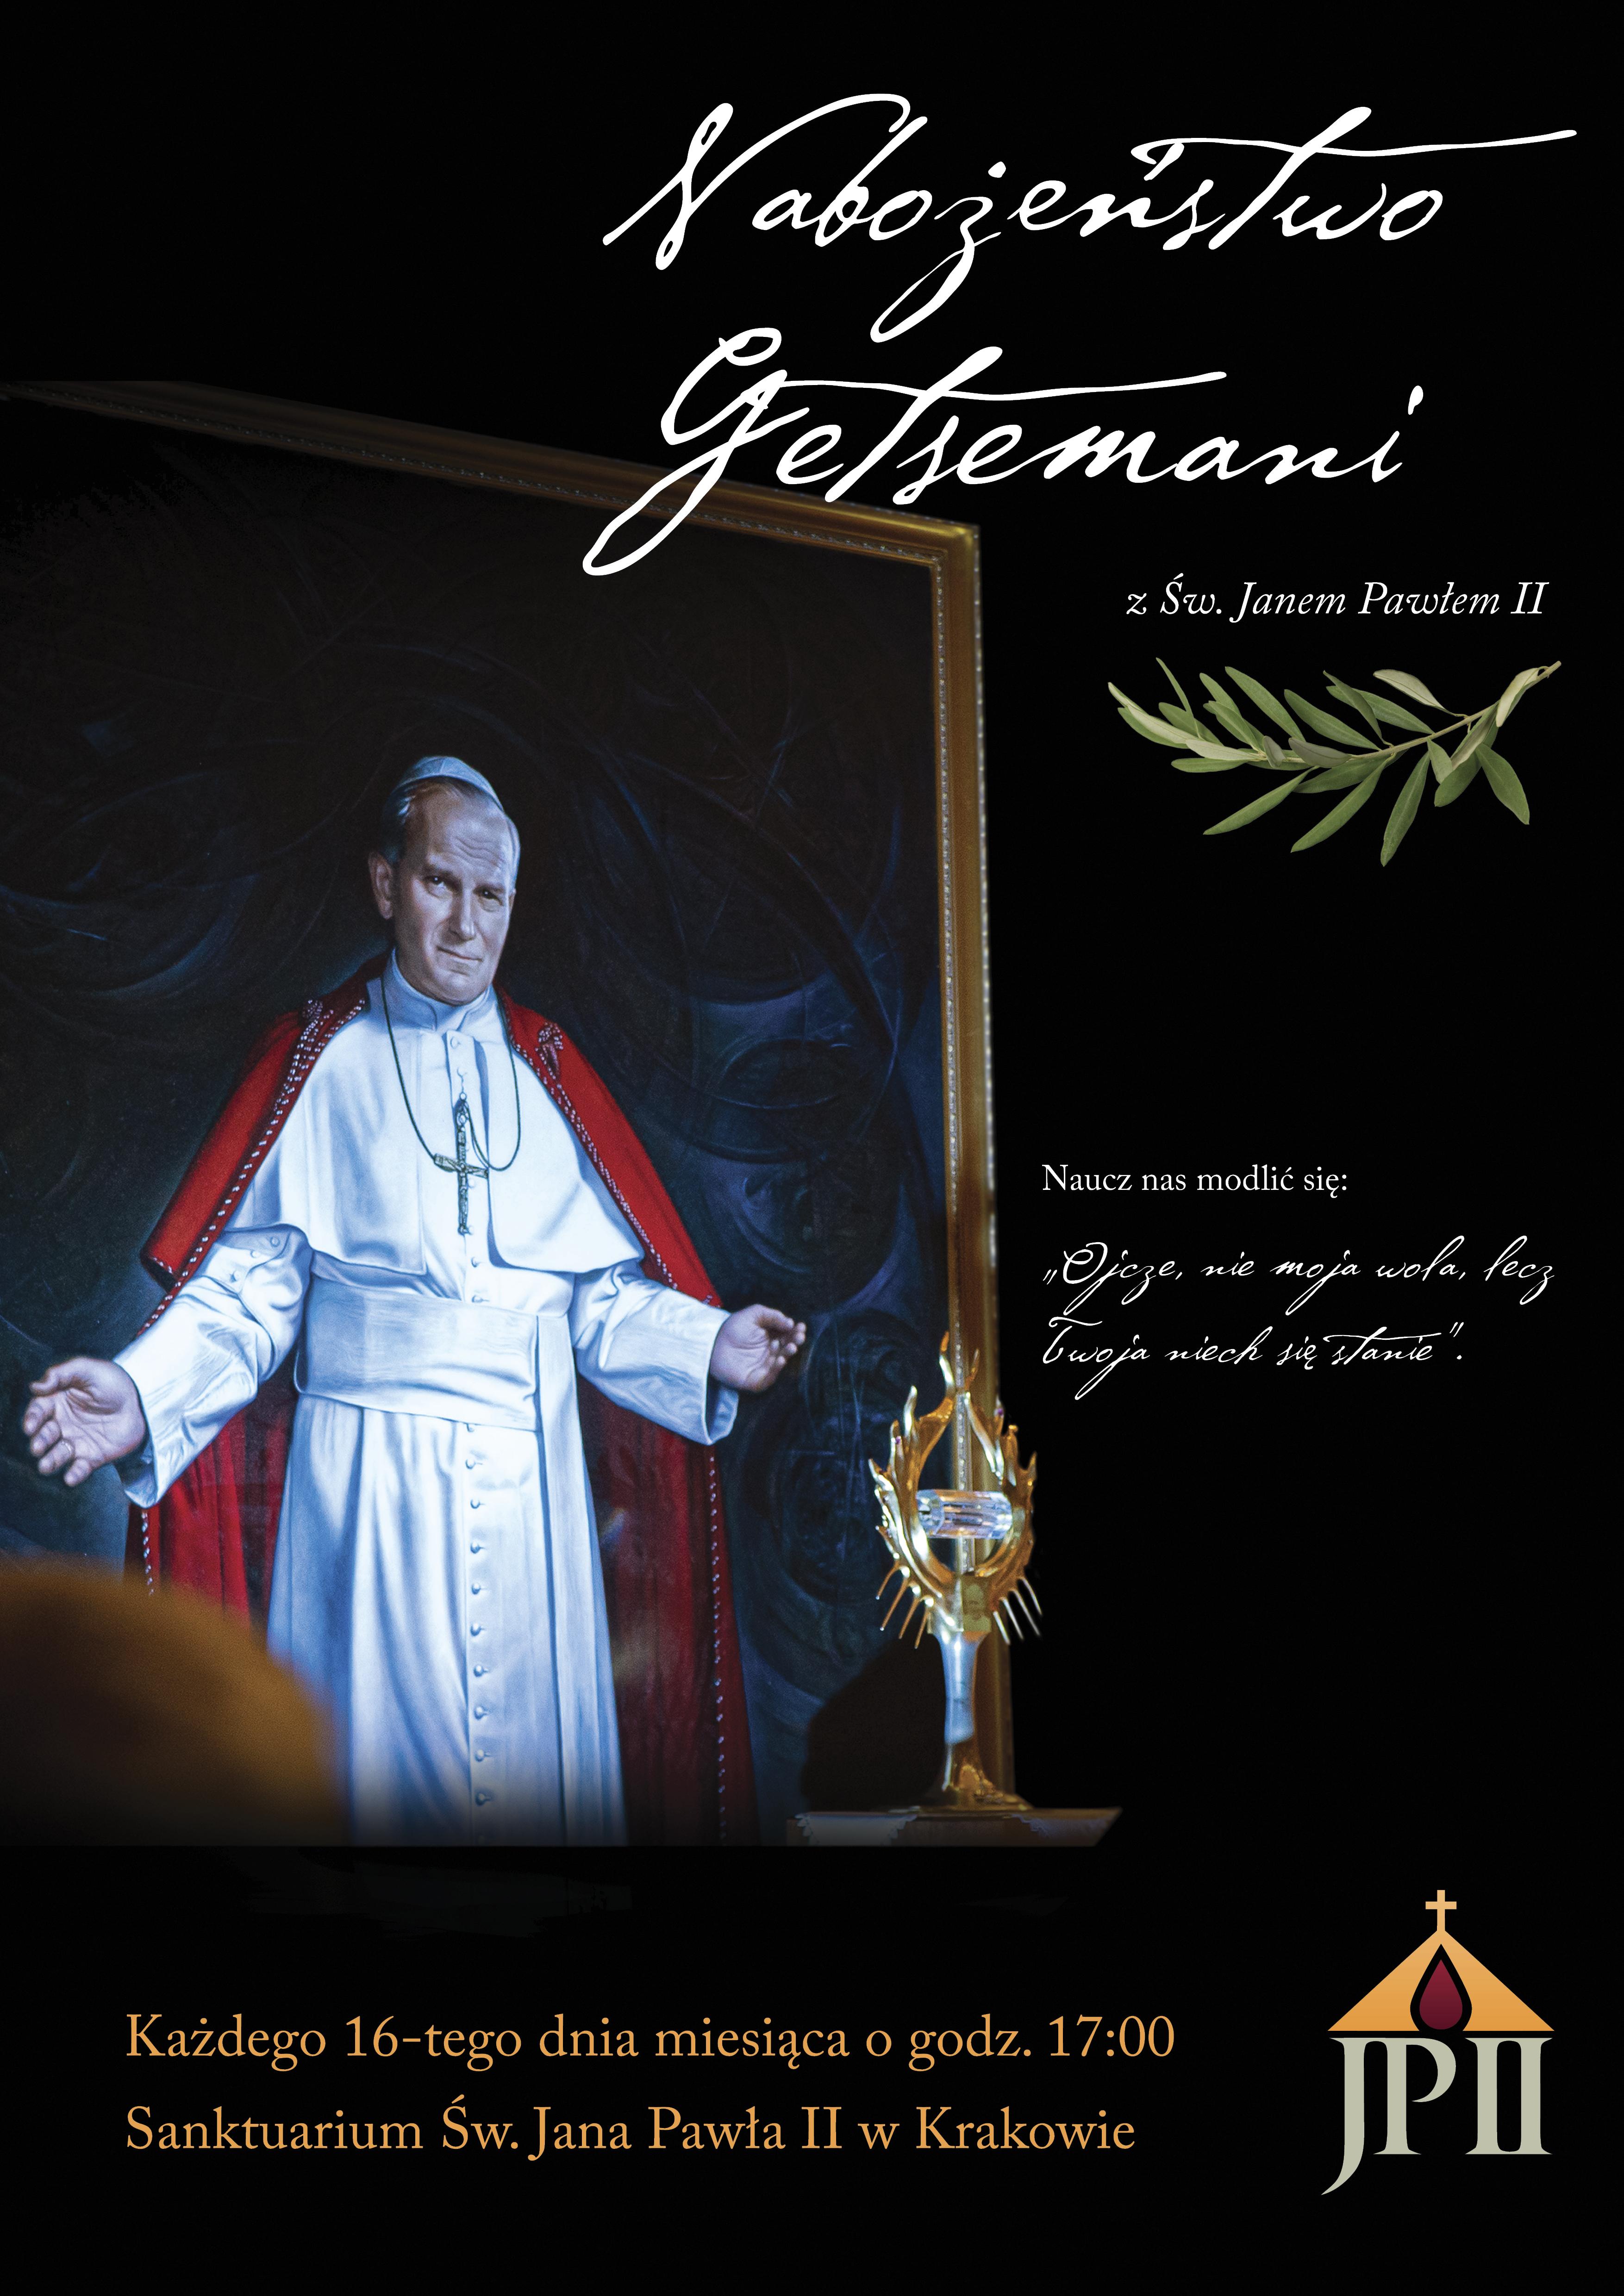 Nabożeństwo Getsemani ze św. Janem Pawłem II